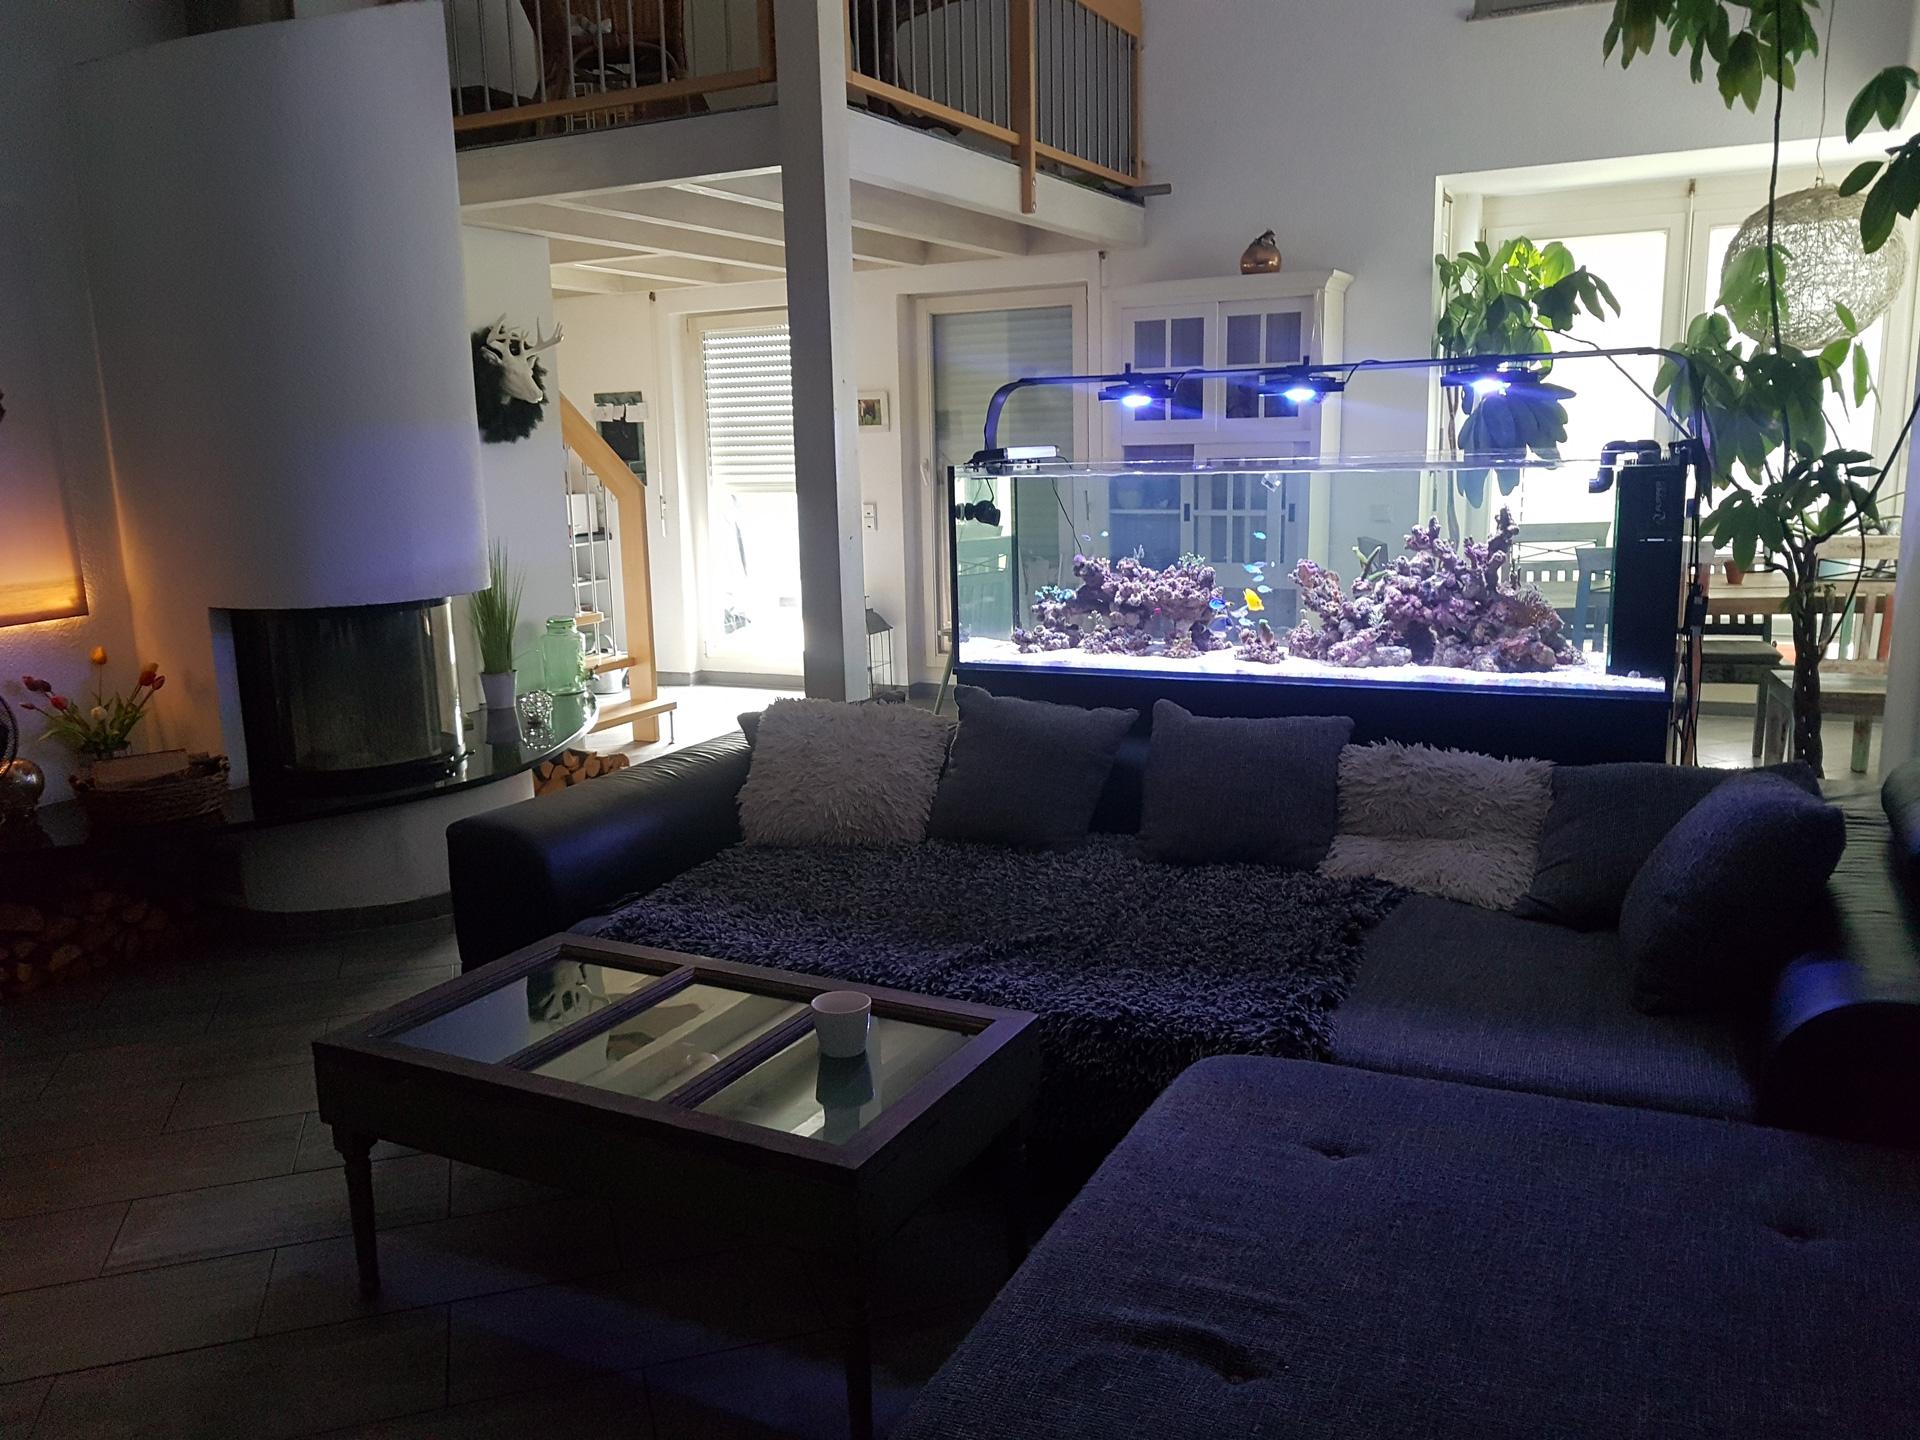 Raumteiler 760 Liter im Wohnbereich